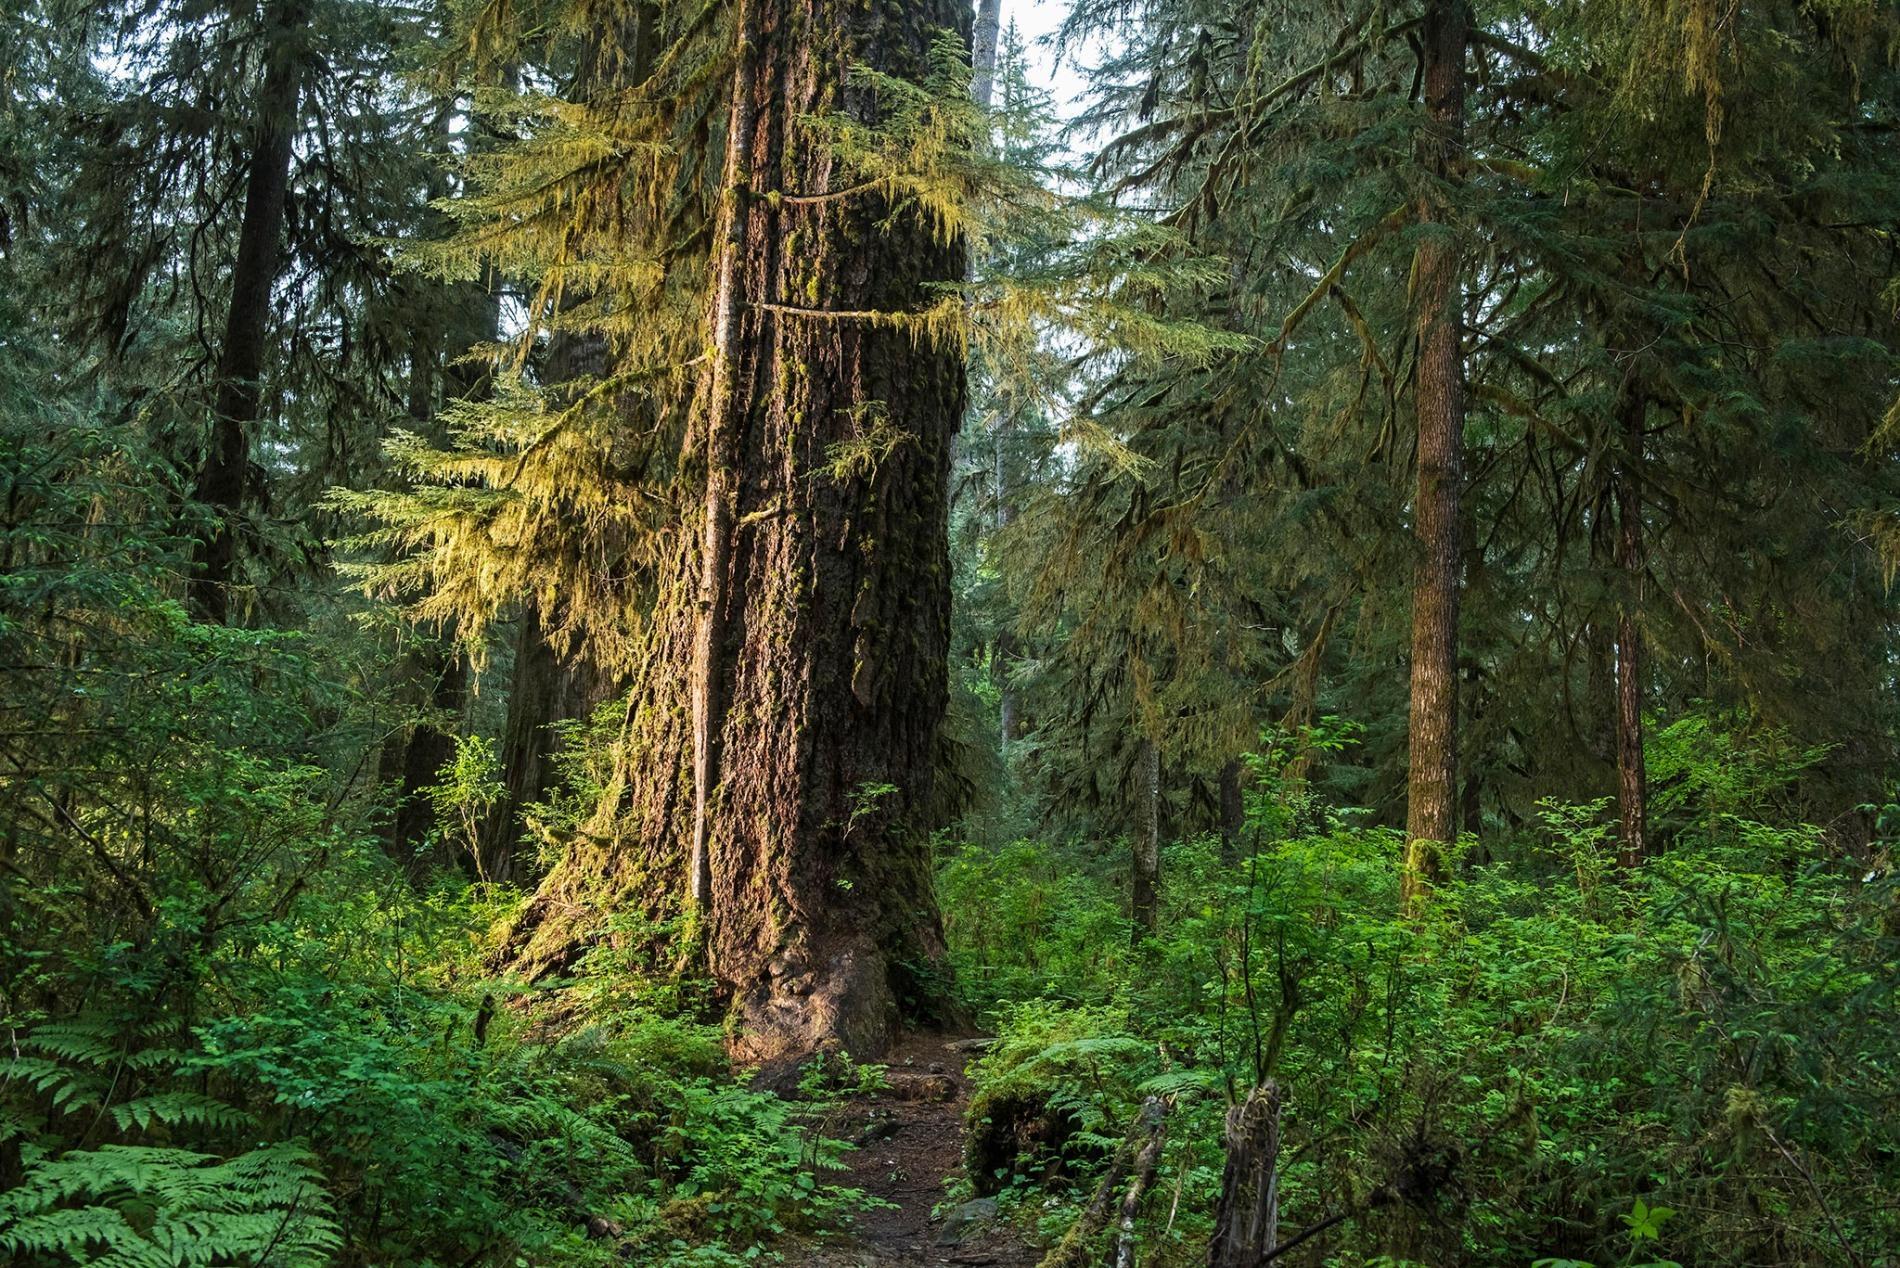 像華盛頓州奧林匹克國家公園的「苔蘚殿堂」(Hall of Mosses)那樣的森林,就是重要的「碳匯」,像這樣的地區吸收的碳多、排放的碳少。PHOTOGRAPH BY KEITH LADZINSKI, NAT GEO IMAGE COLLECTION